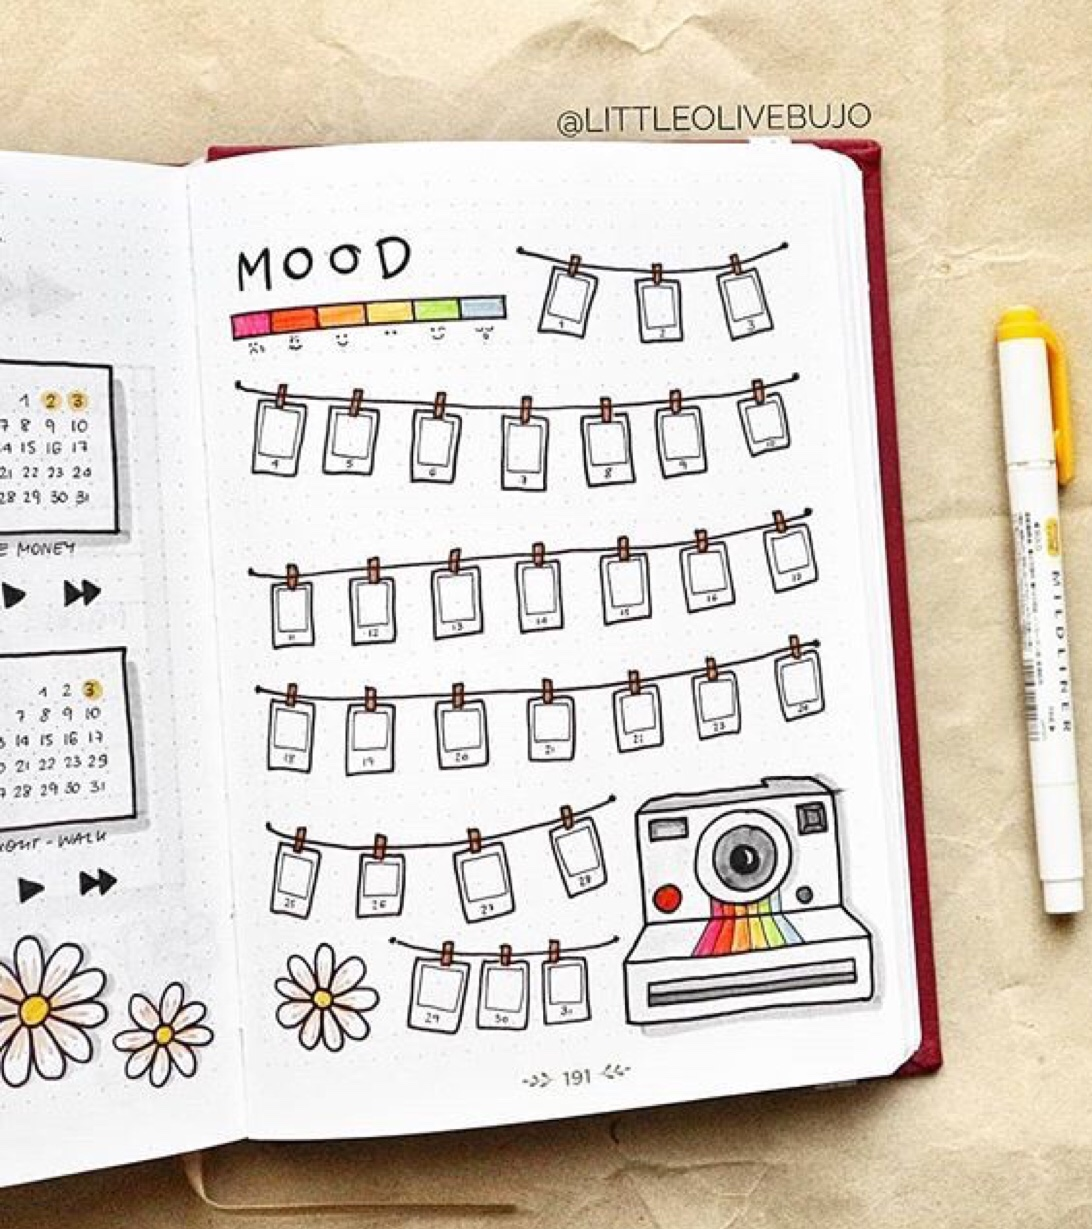 polaroid, mood trackers, inspired